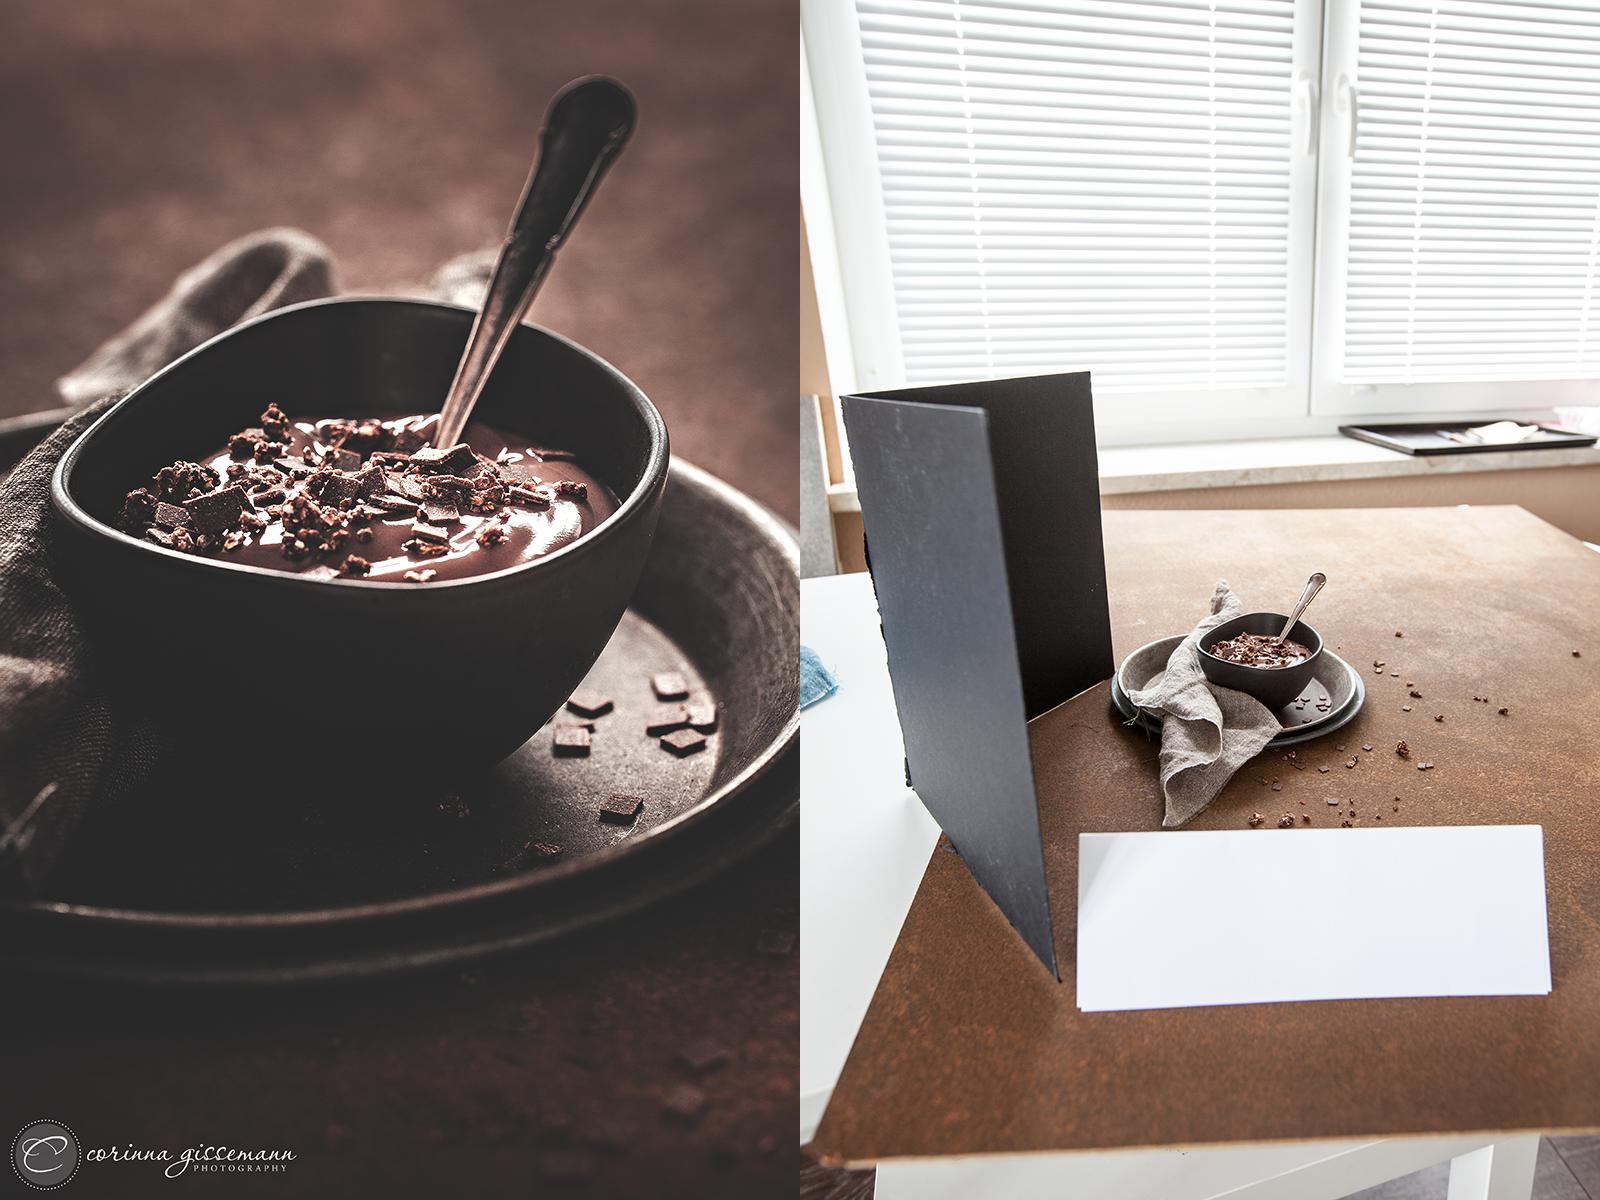 Foodfotografie Making Of Moody Schokoladenpudding Und Wie Er